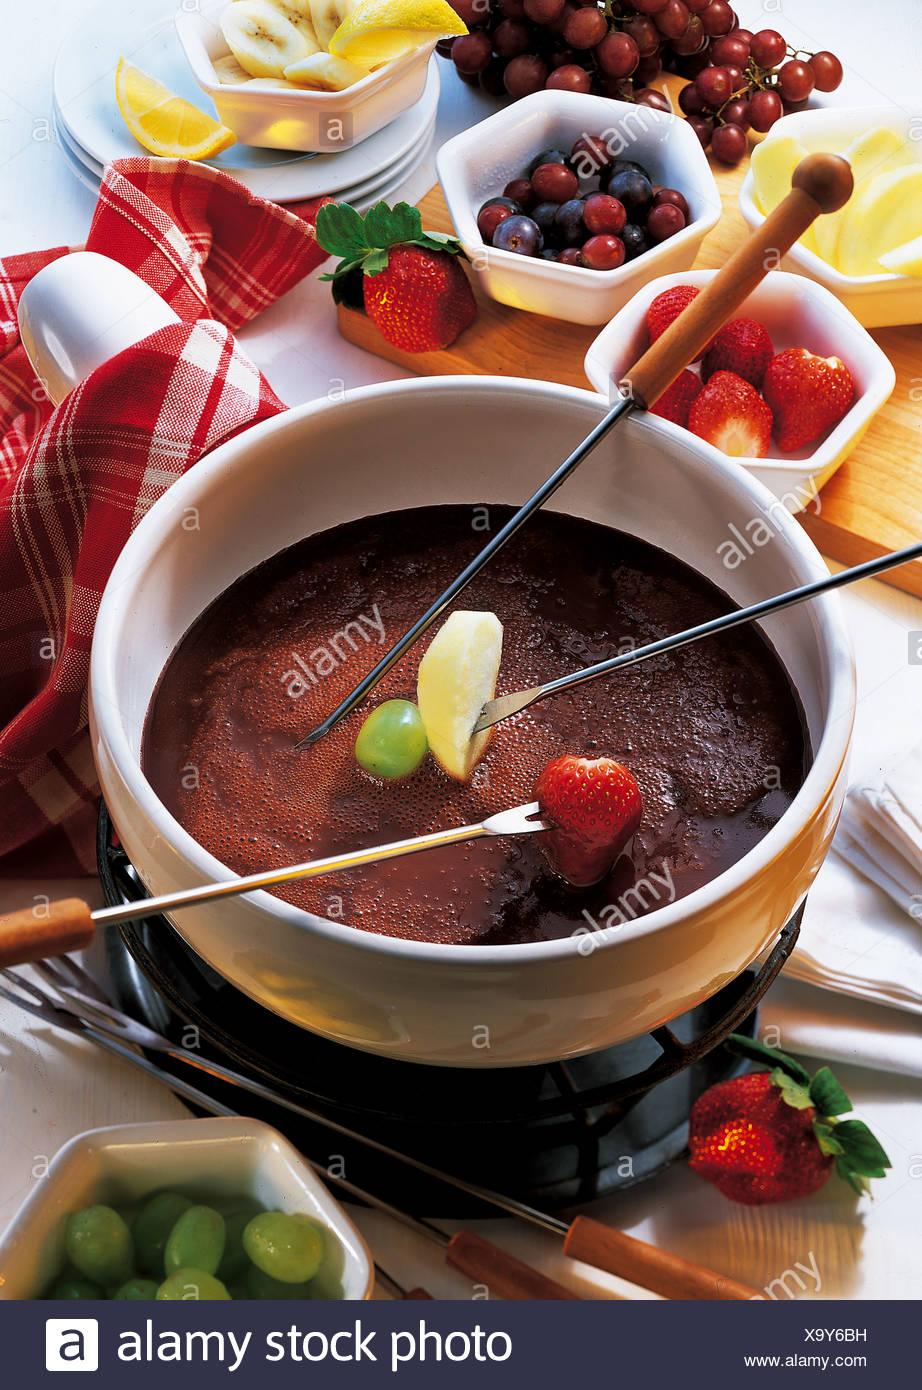 La Fonduta di cioccolato, Svizzera, ricetta disponibile a pagamento Immagini Stock